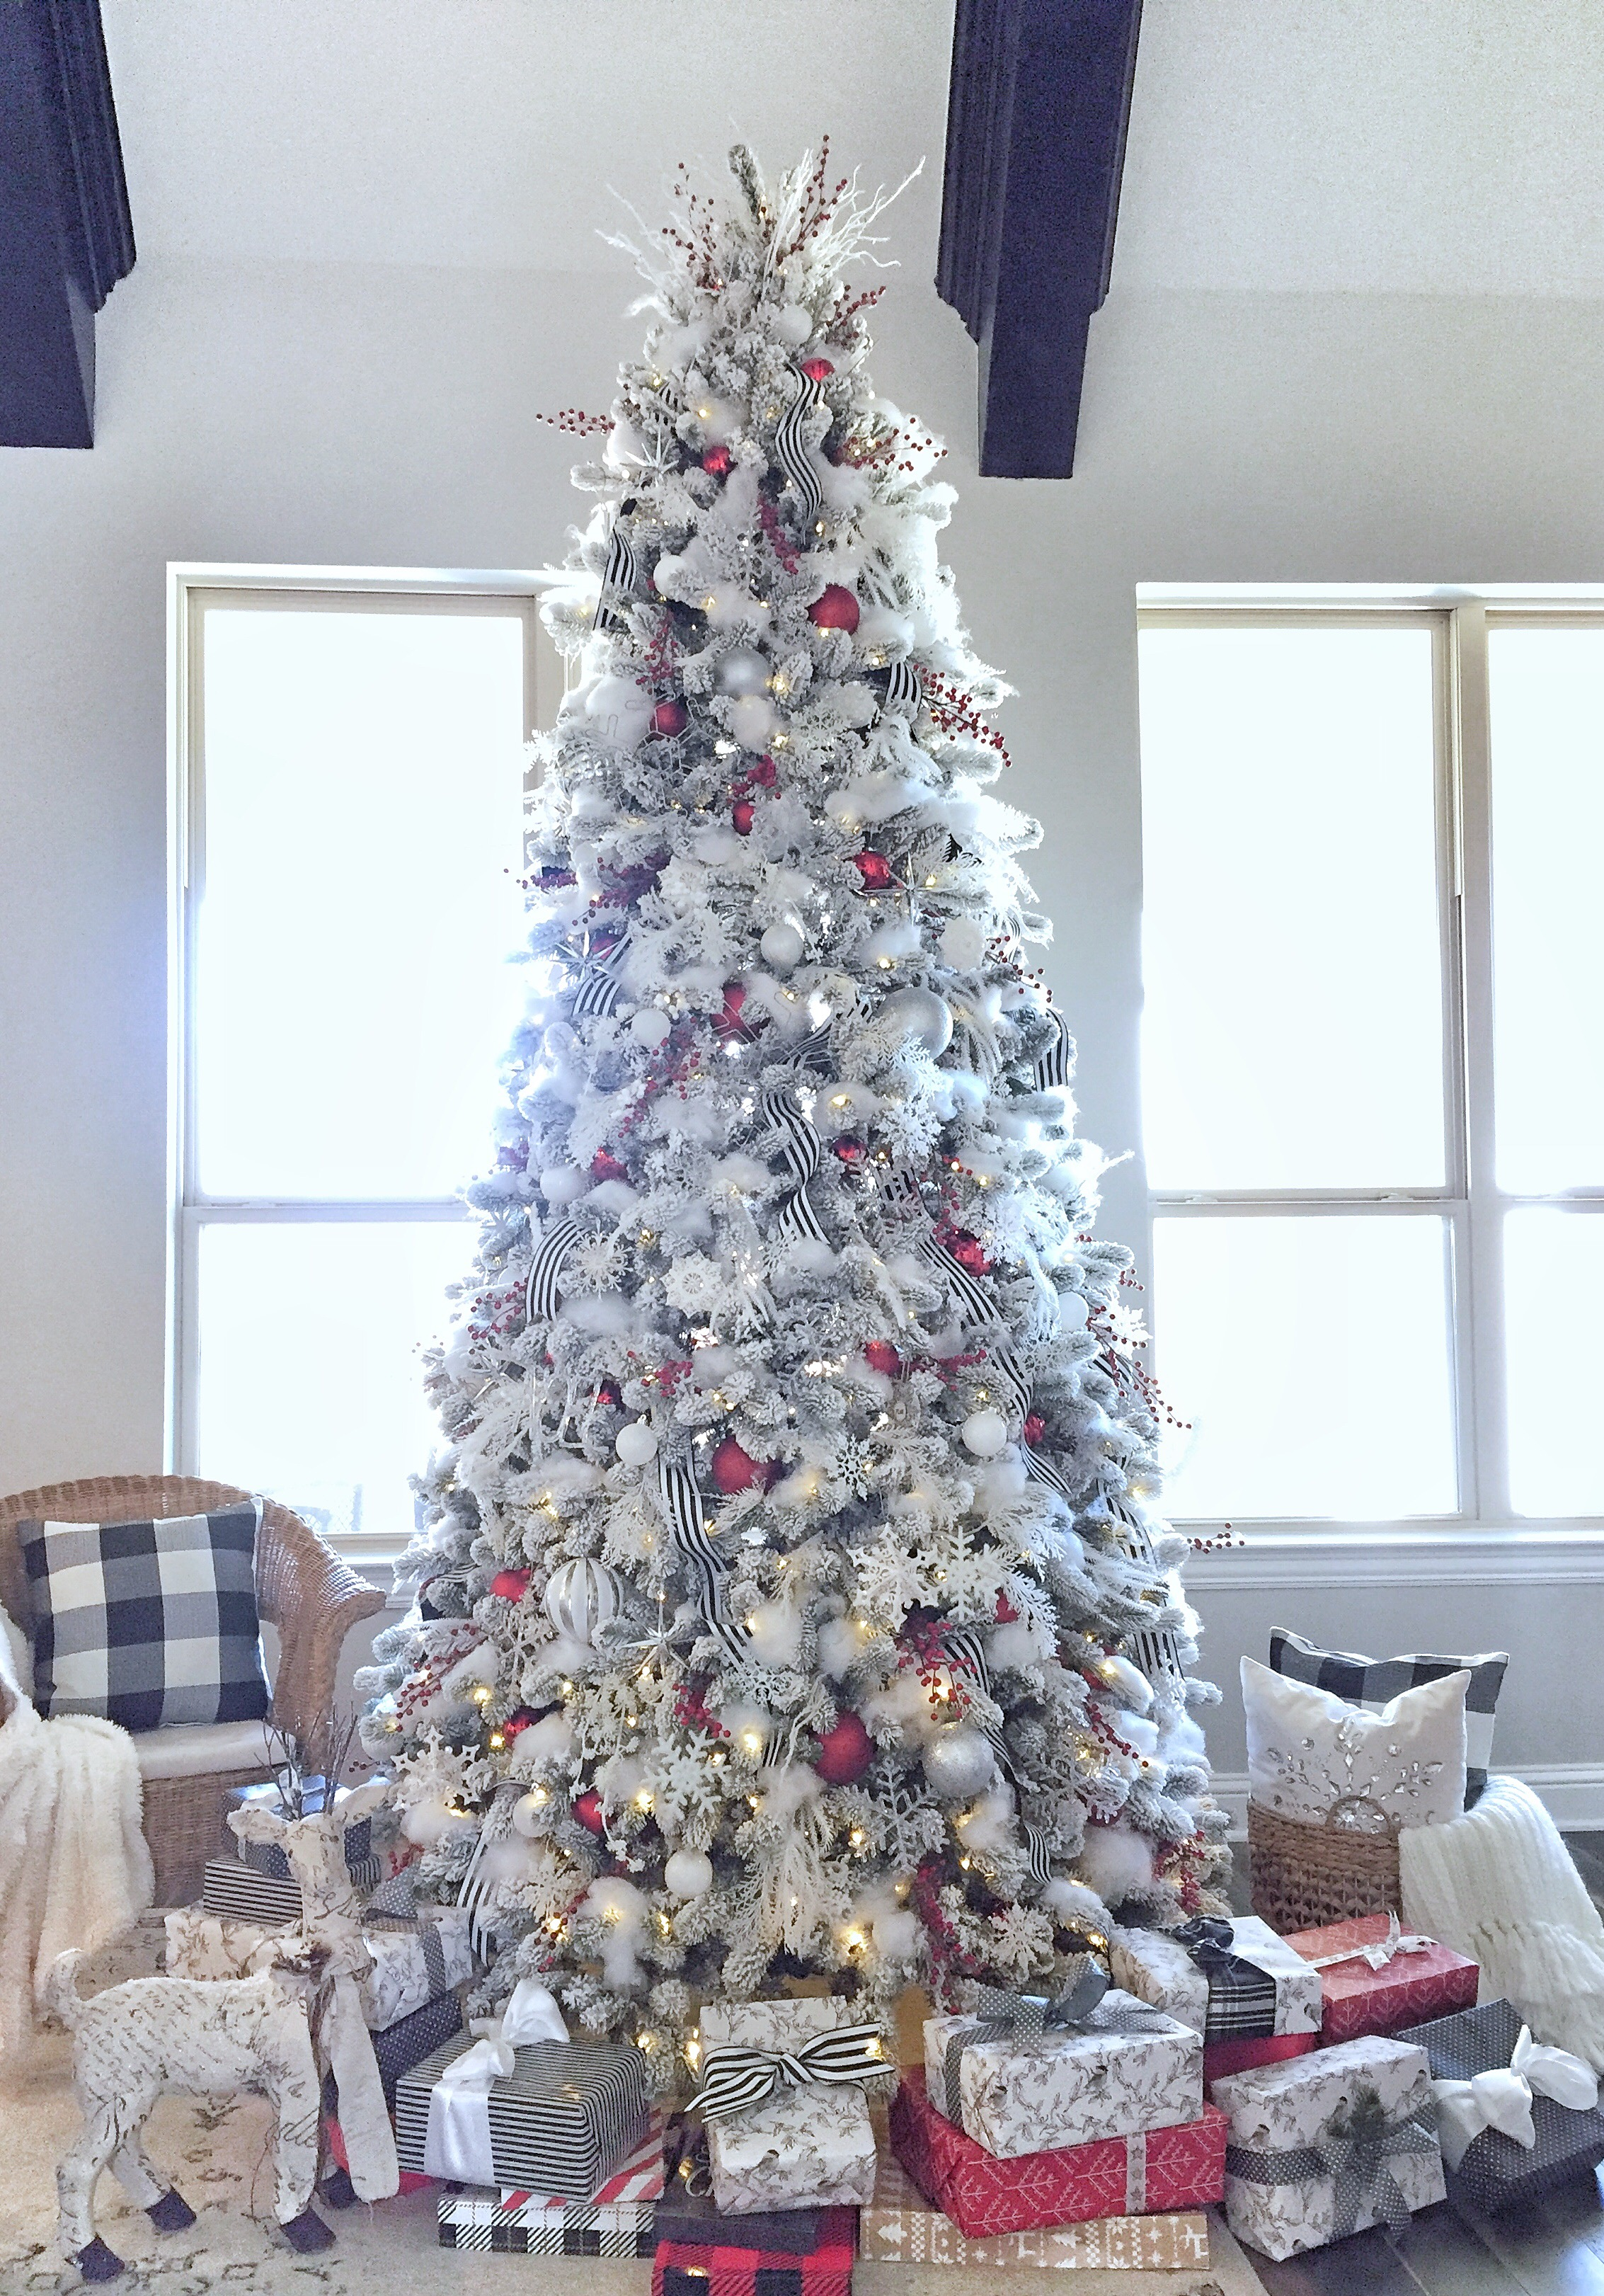 Christmas home tour - My Texas House